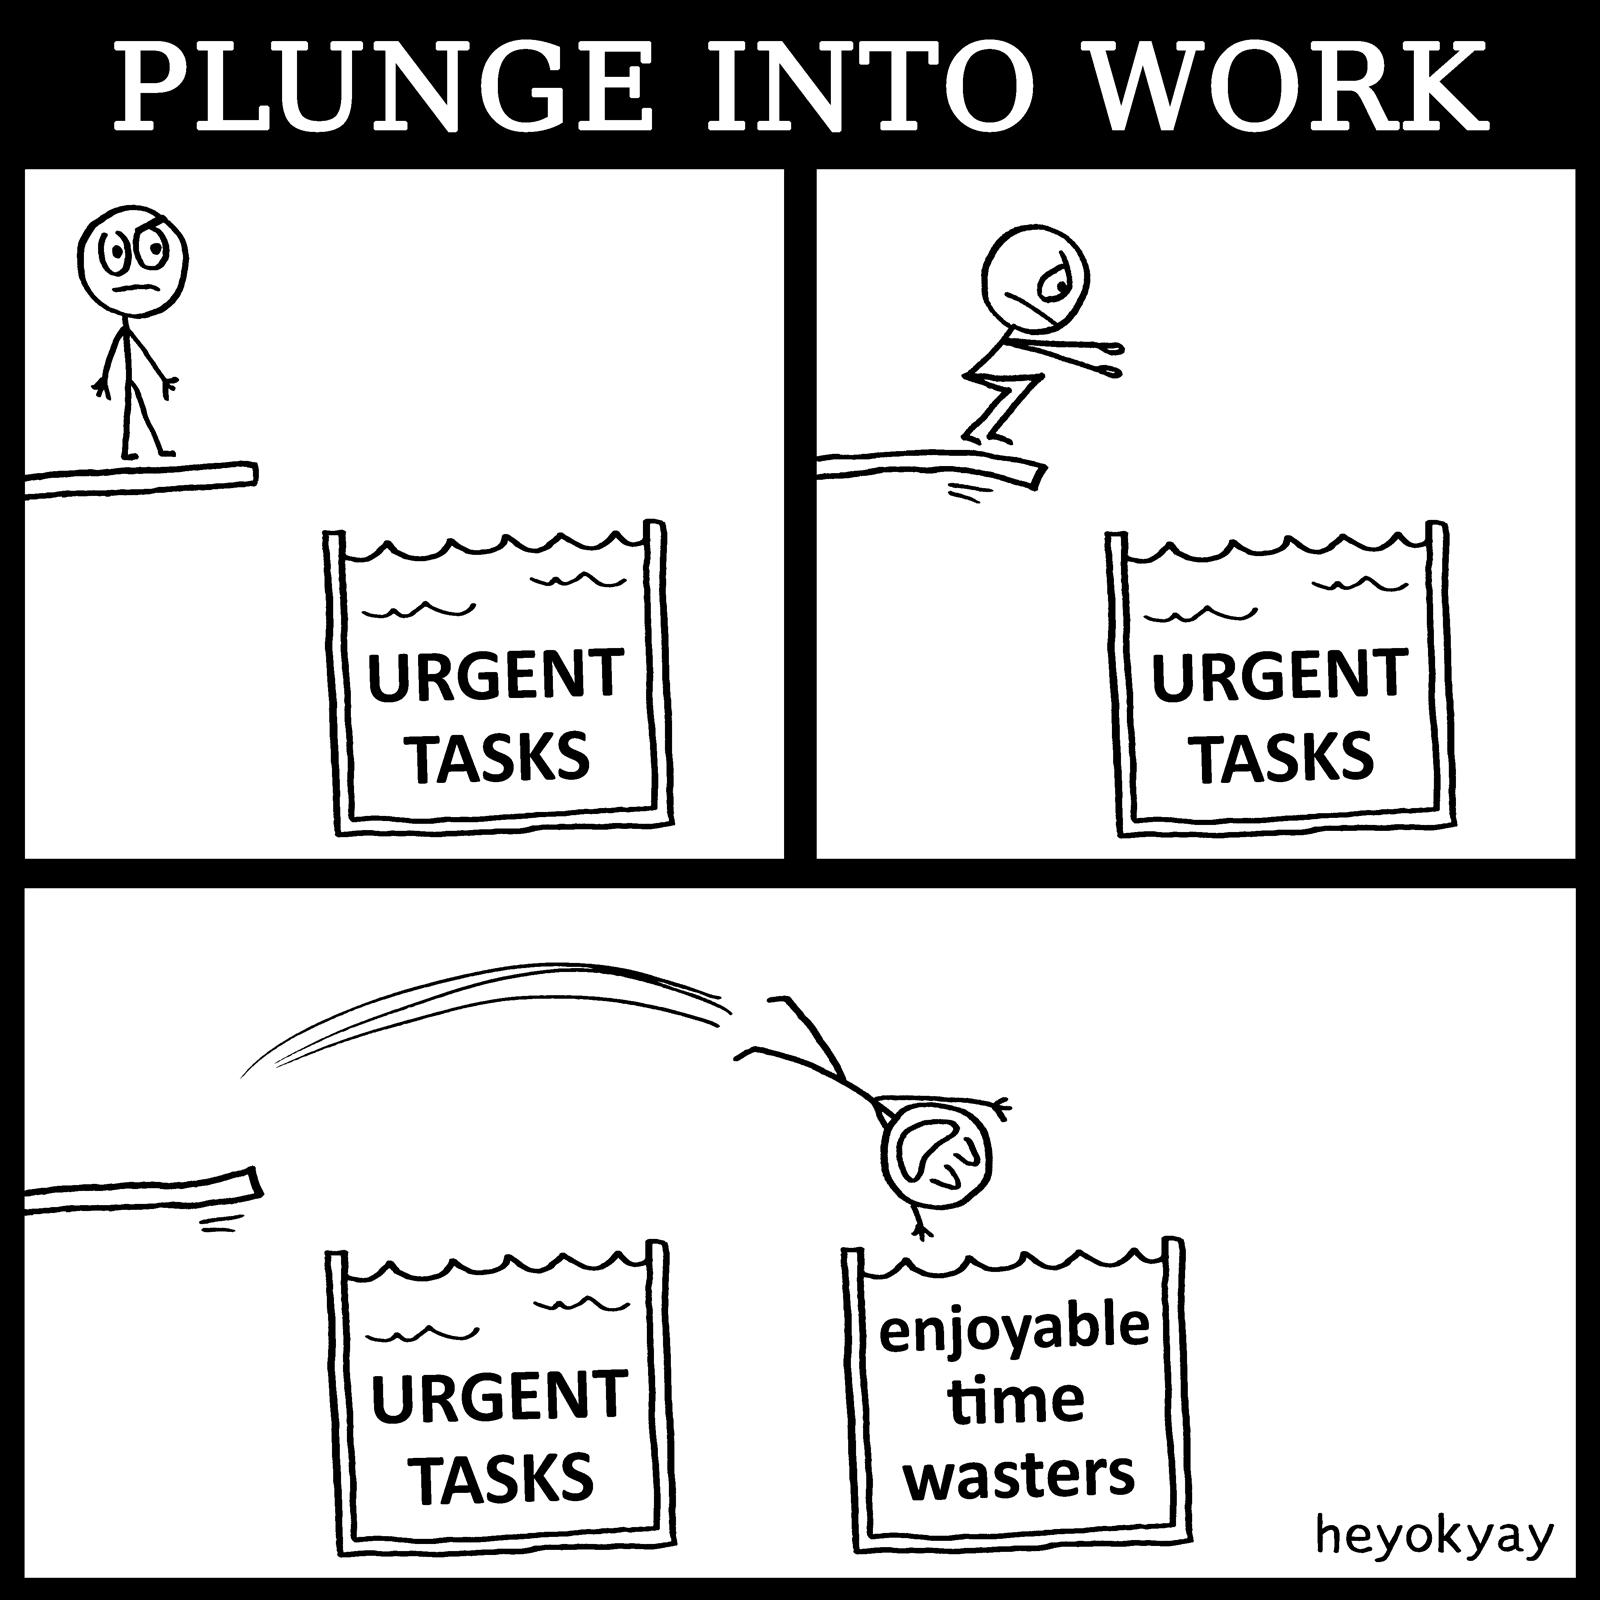 Plunge Into Work heyokyay comic